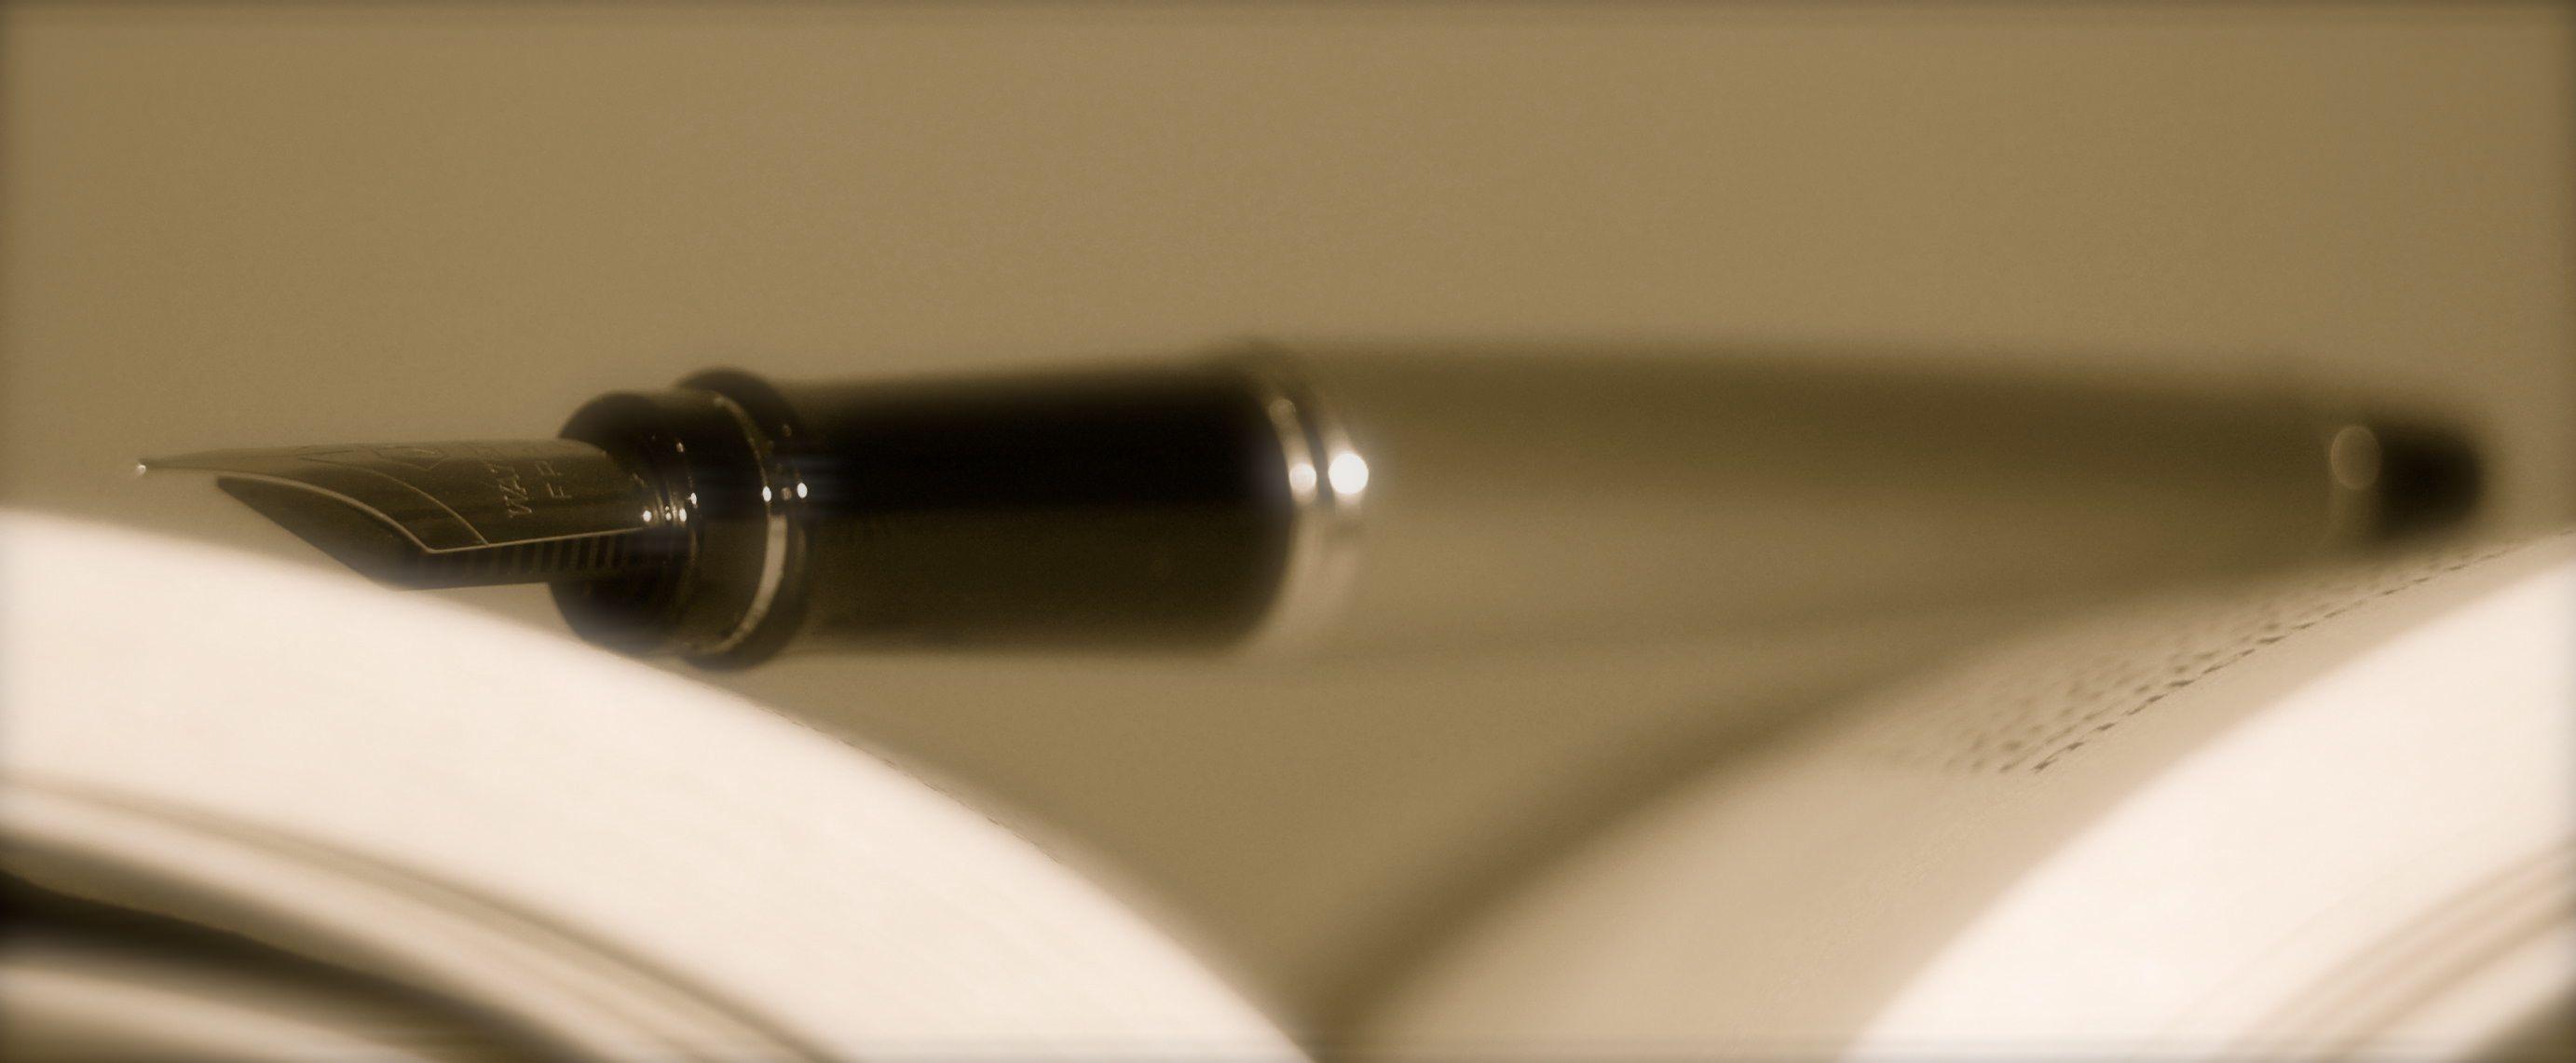 La pluma de la mano que cuenta... @anpamar